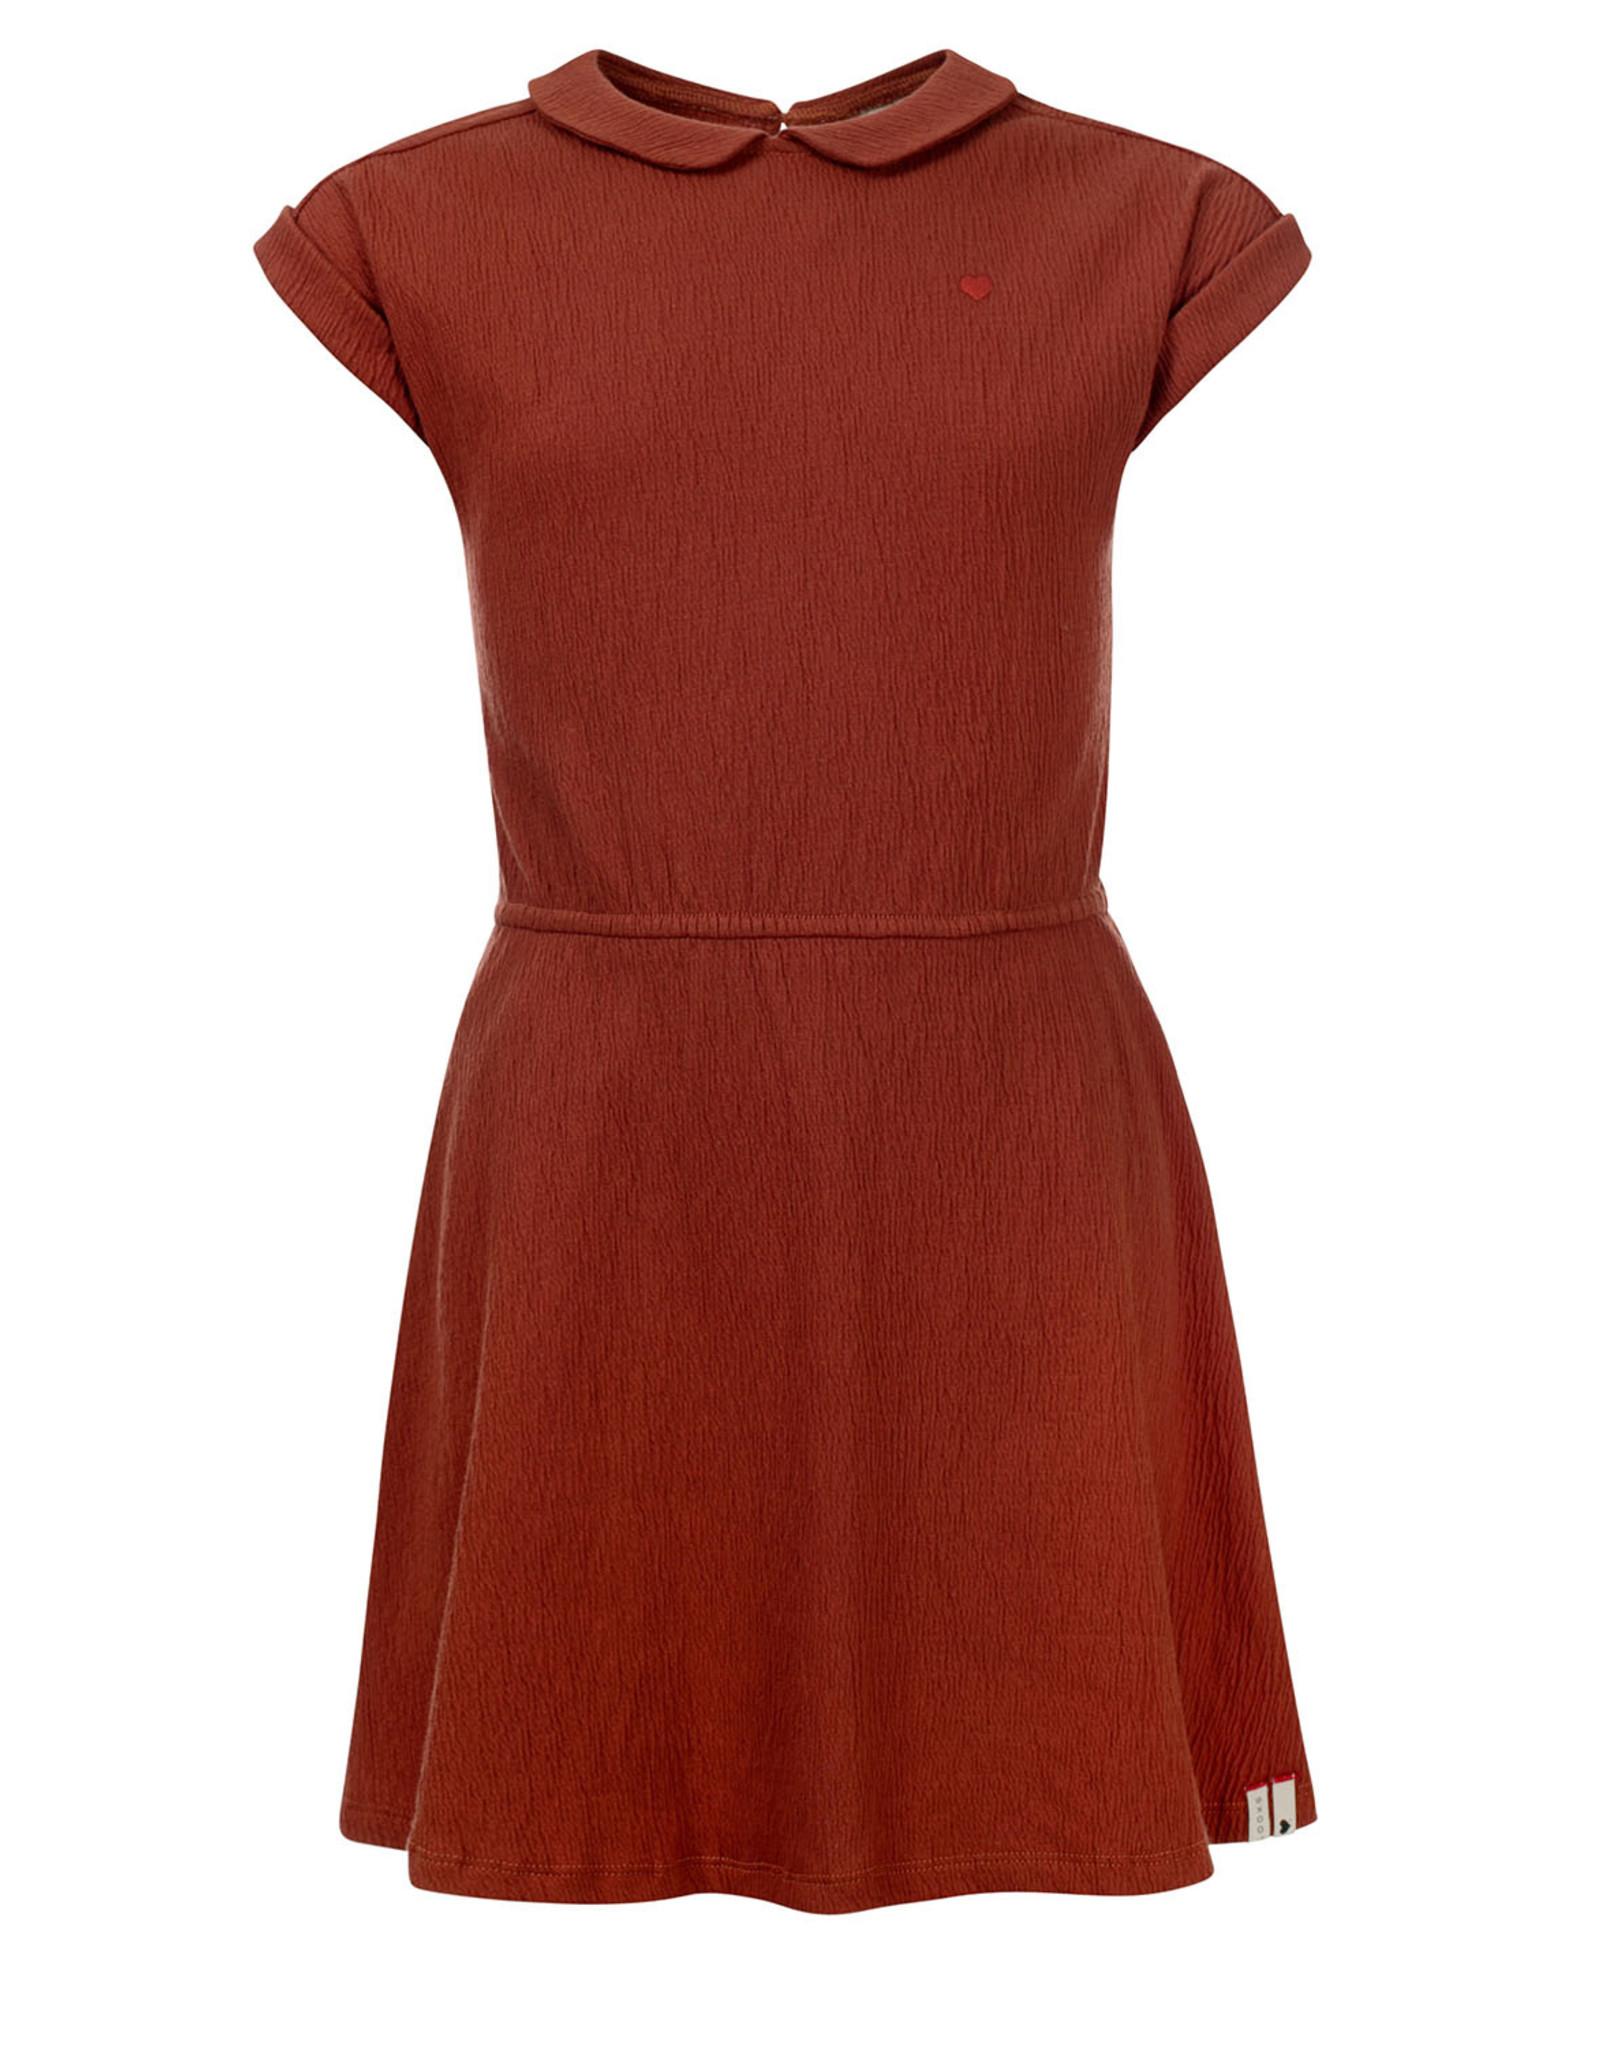 LOOXS Little Little dress, PECAN